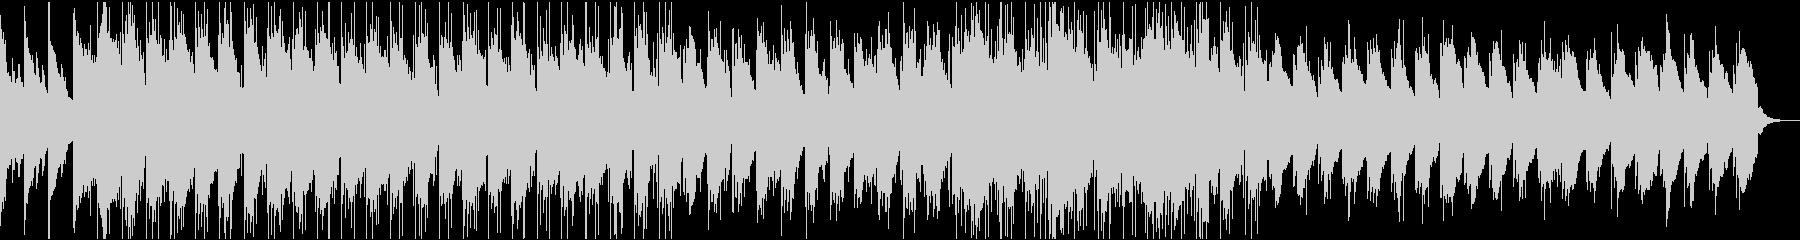 Reverbピアノとドラムの残響メロディの未再生の波形